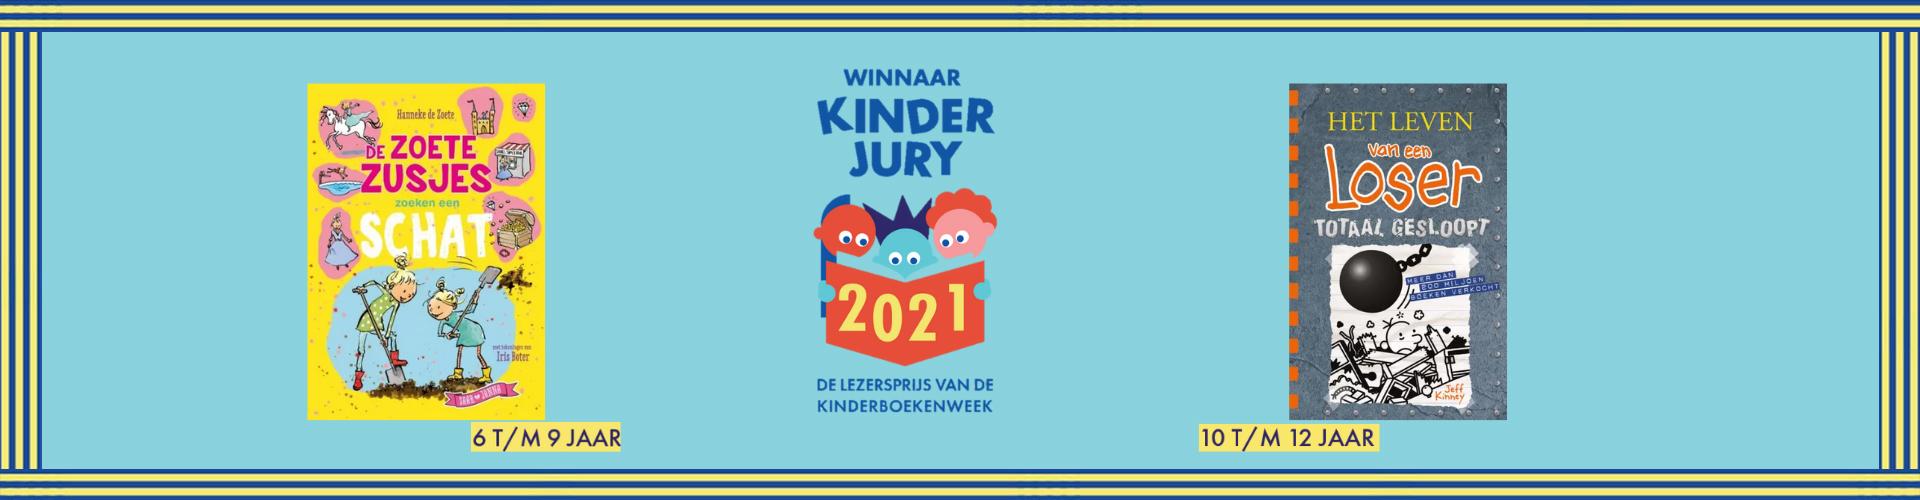 Winnaars Kinderjury 2021 - De zoete zusjes zoeken een schat (6-9 jaar) Het leven van een loser Totaal gesloopt (10-12 jaar)